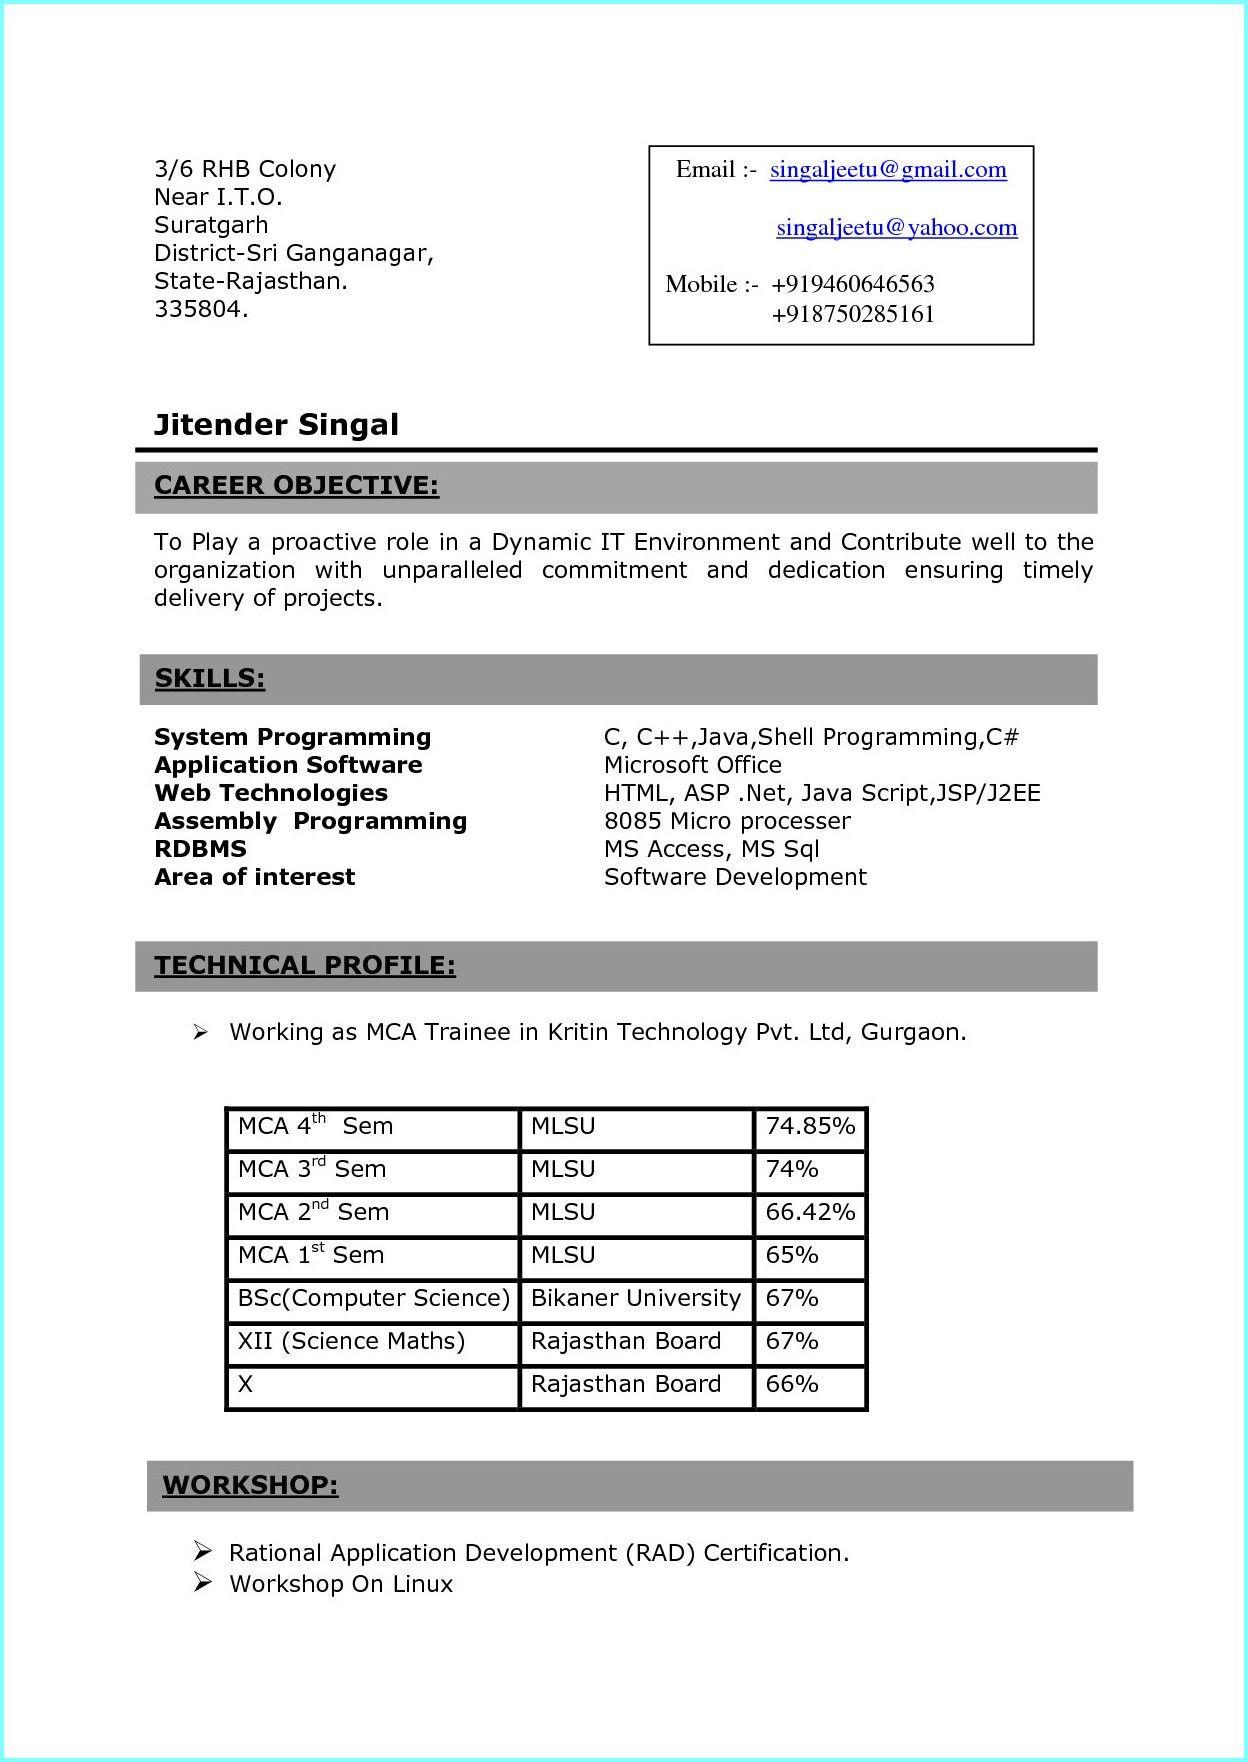 Sample Resume for Bsc Nursing Fresher Pdf Bsc Nursing Resume format for Freshers Download - Resume : Resume ...